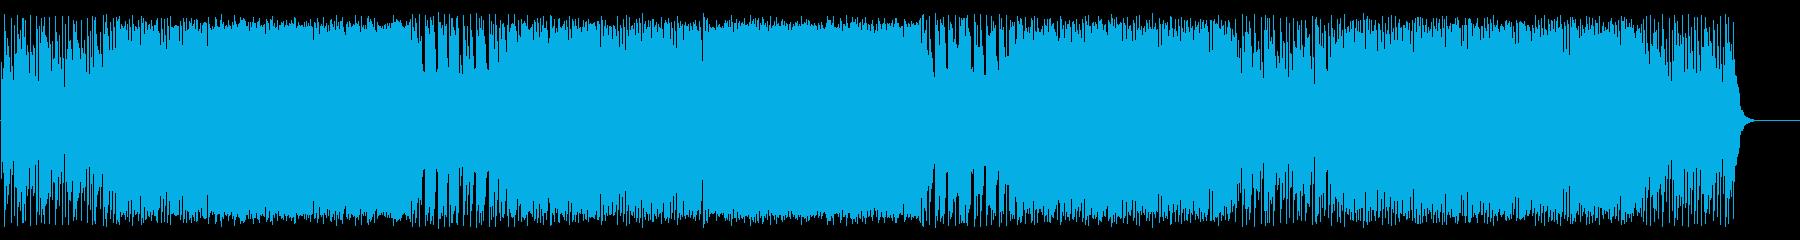 EDM/パーティー/ポップ/可愛い/#2の再生済みの波形